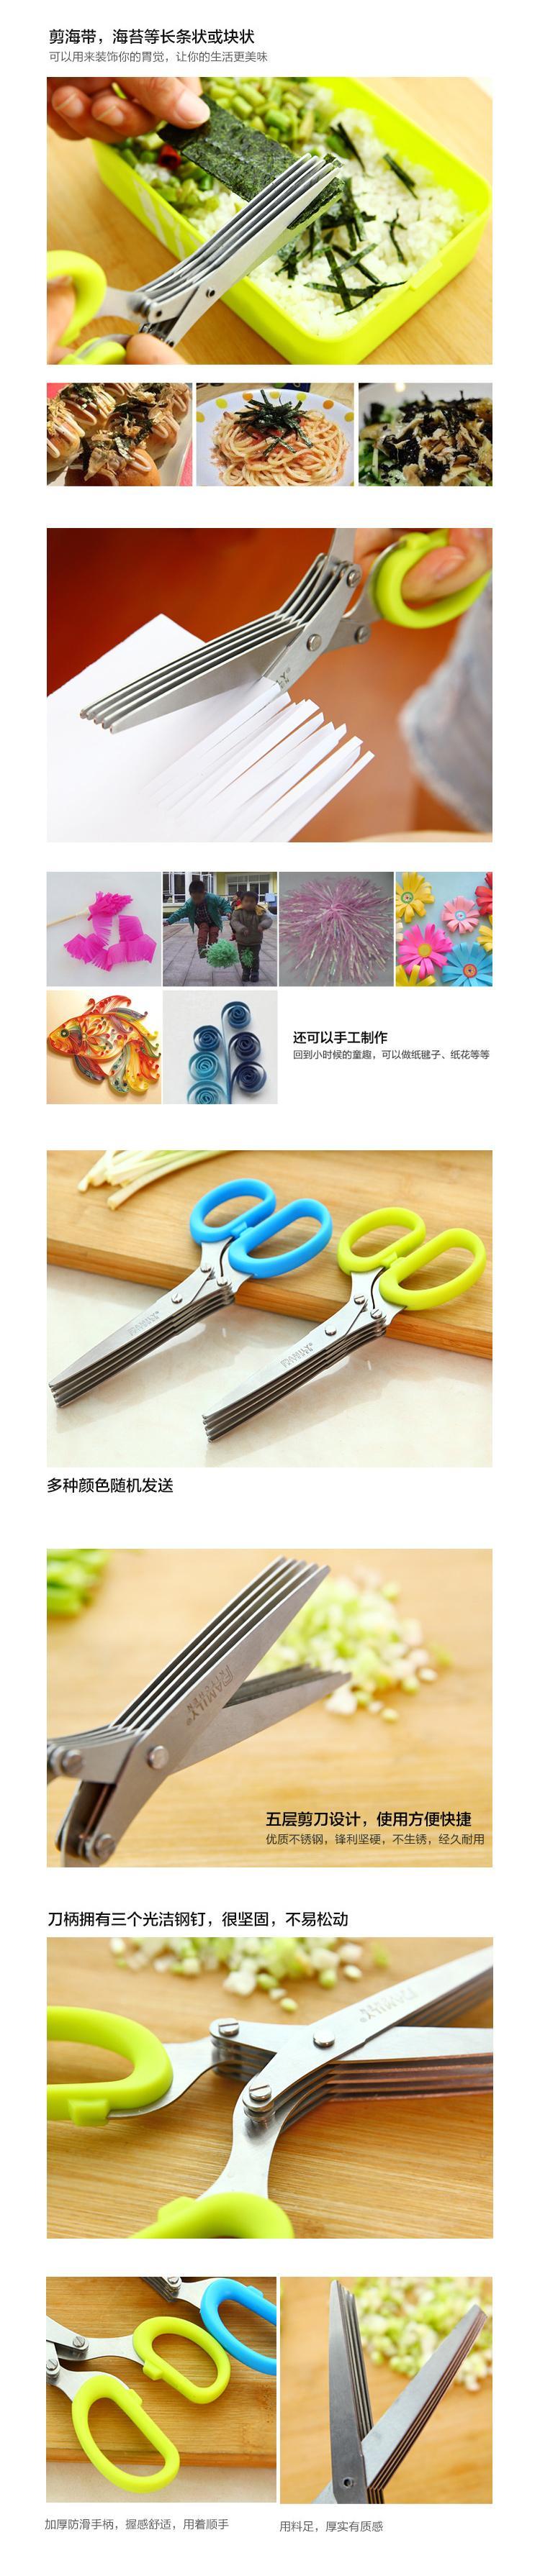 European Kitchen Gadgets Multilayer Stainless Steel Kitchen Scissors Scissors Five